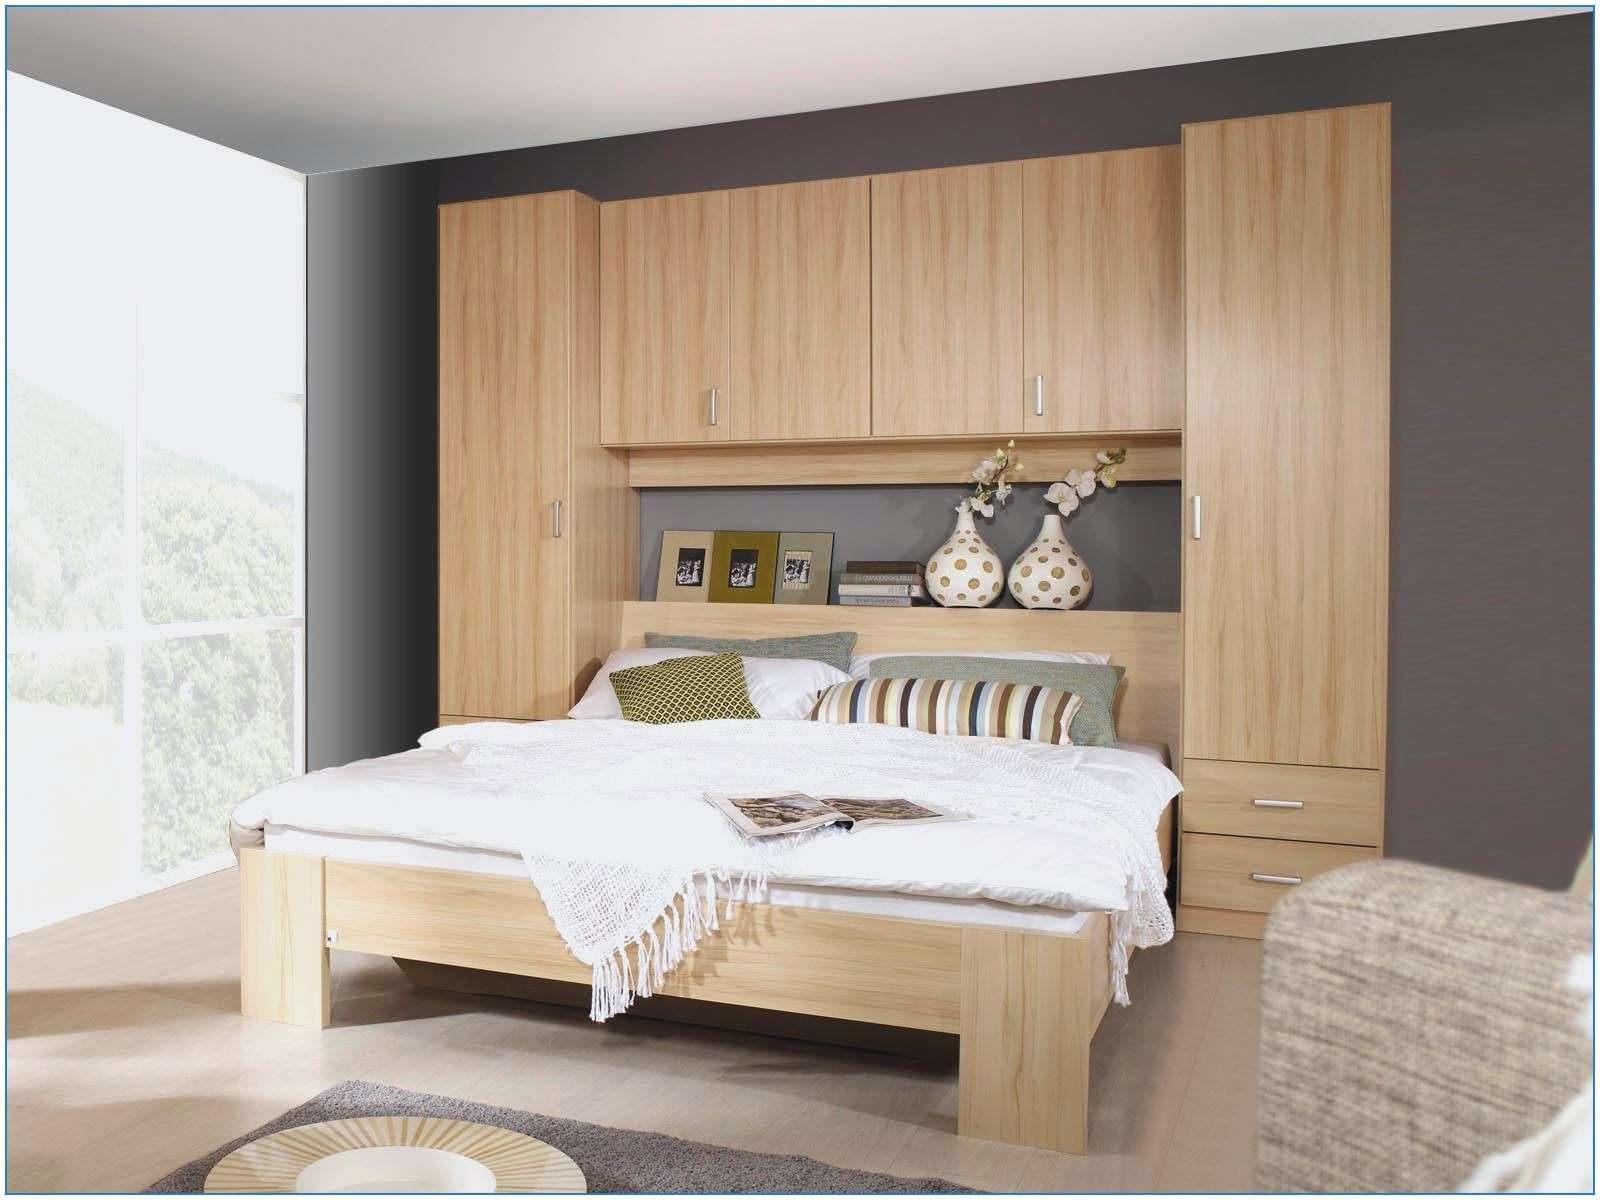 Lit Superposé Gris De Luxe Elégant 19 Beau Lit Superposé Petite Longueur Adana Estepona Pour